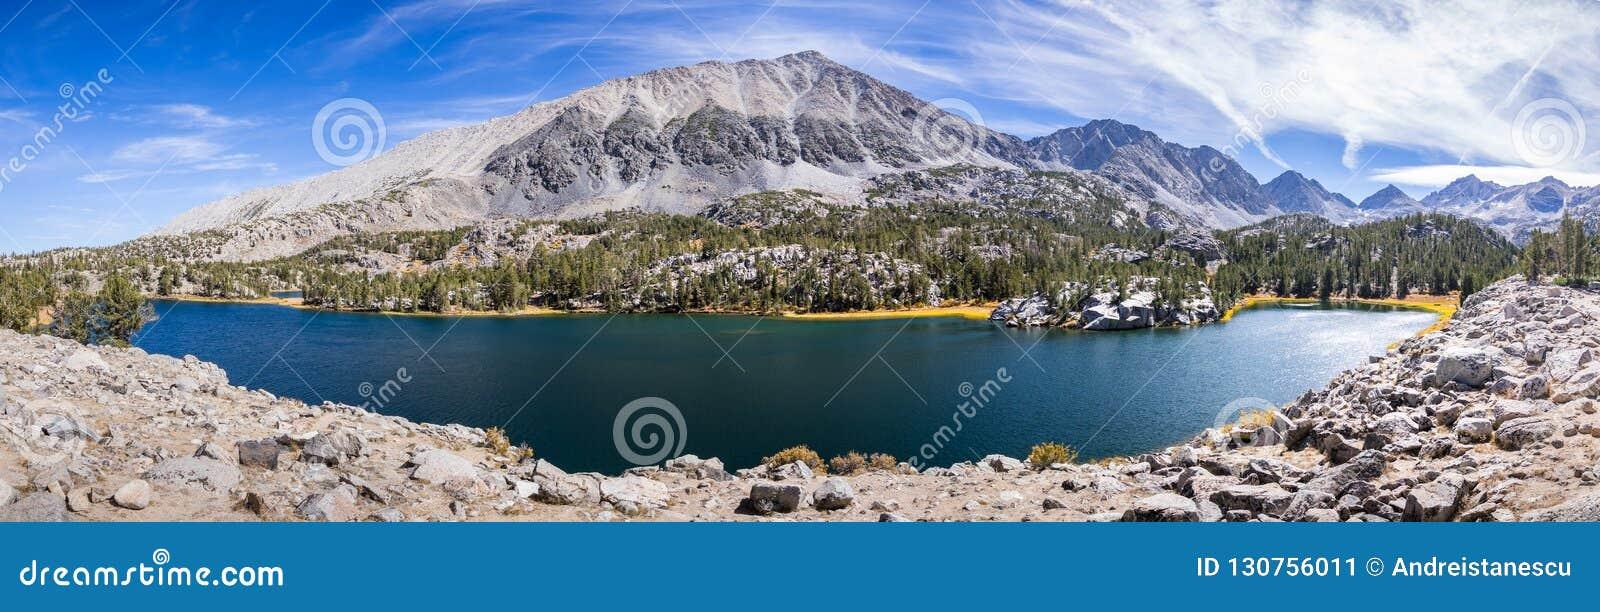 高山湖,东部山脉全景